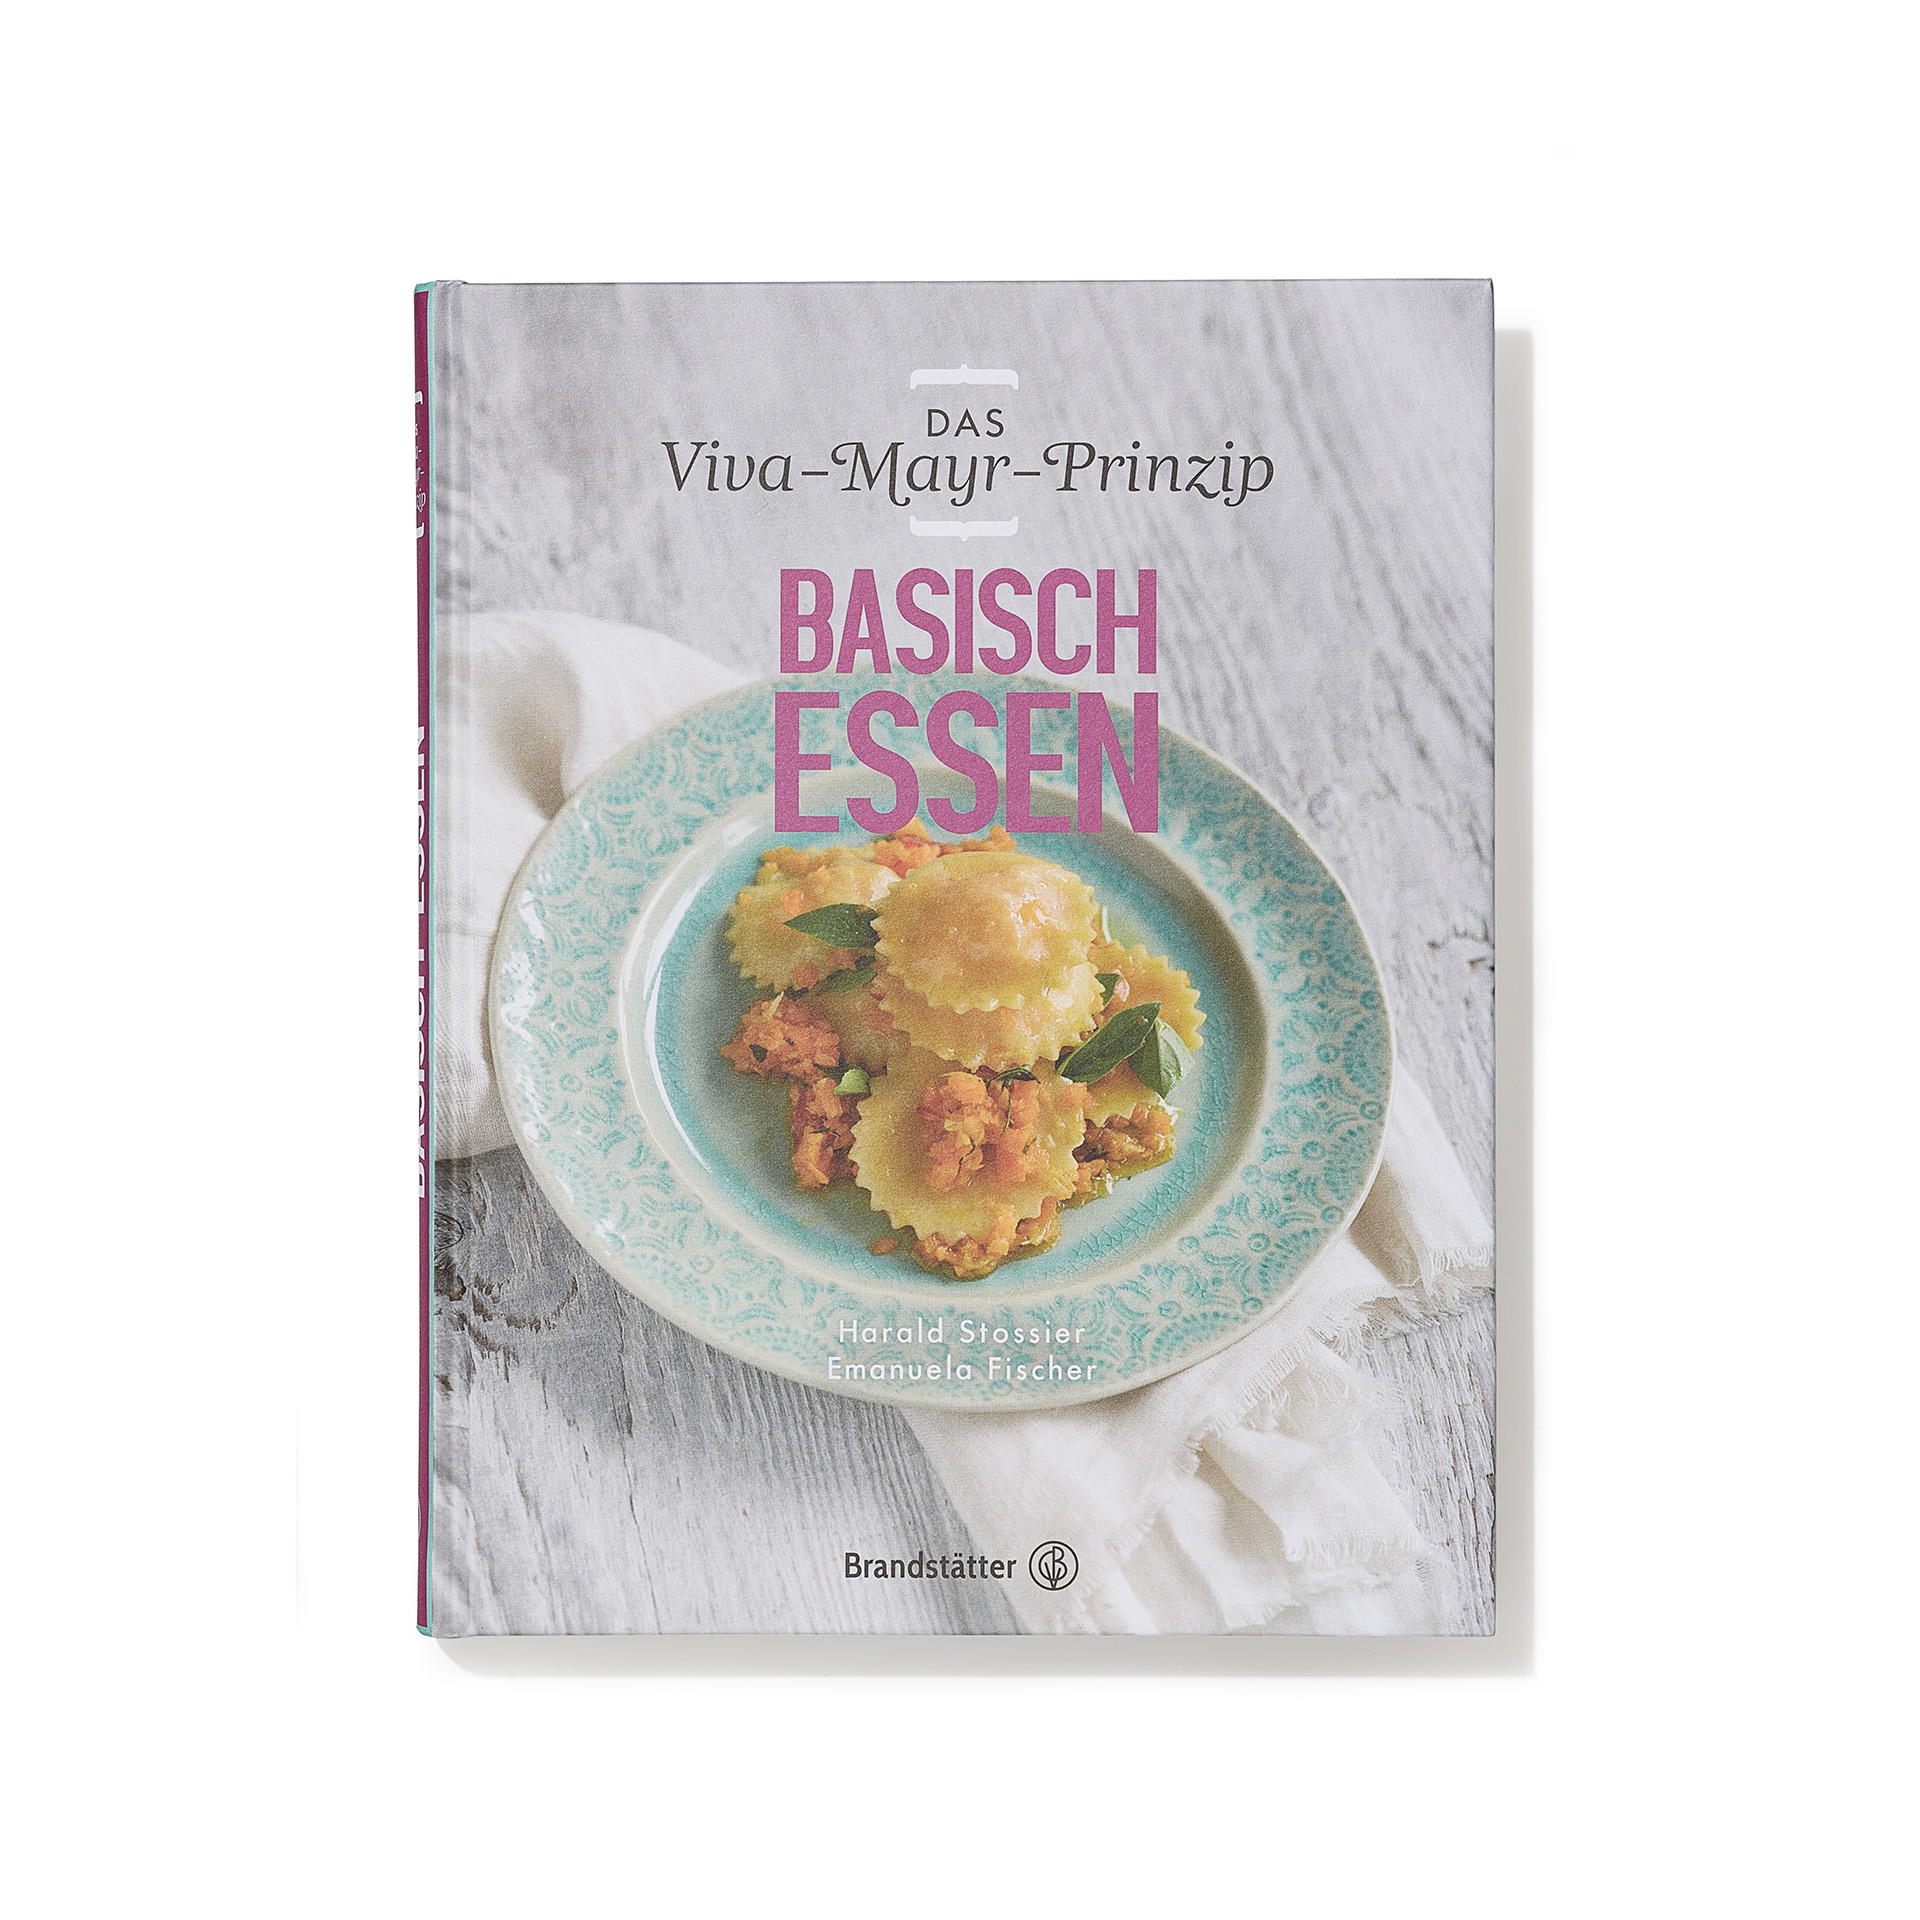 VIVAMAYR Prinzip Basisch Essen DE